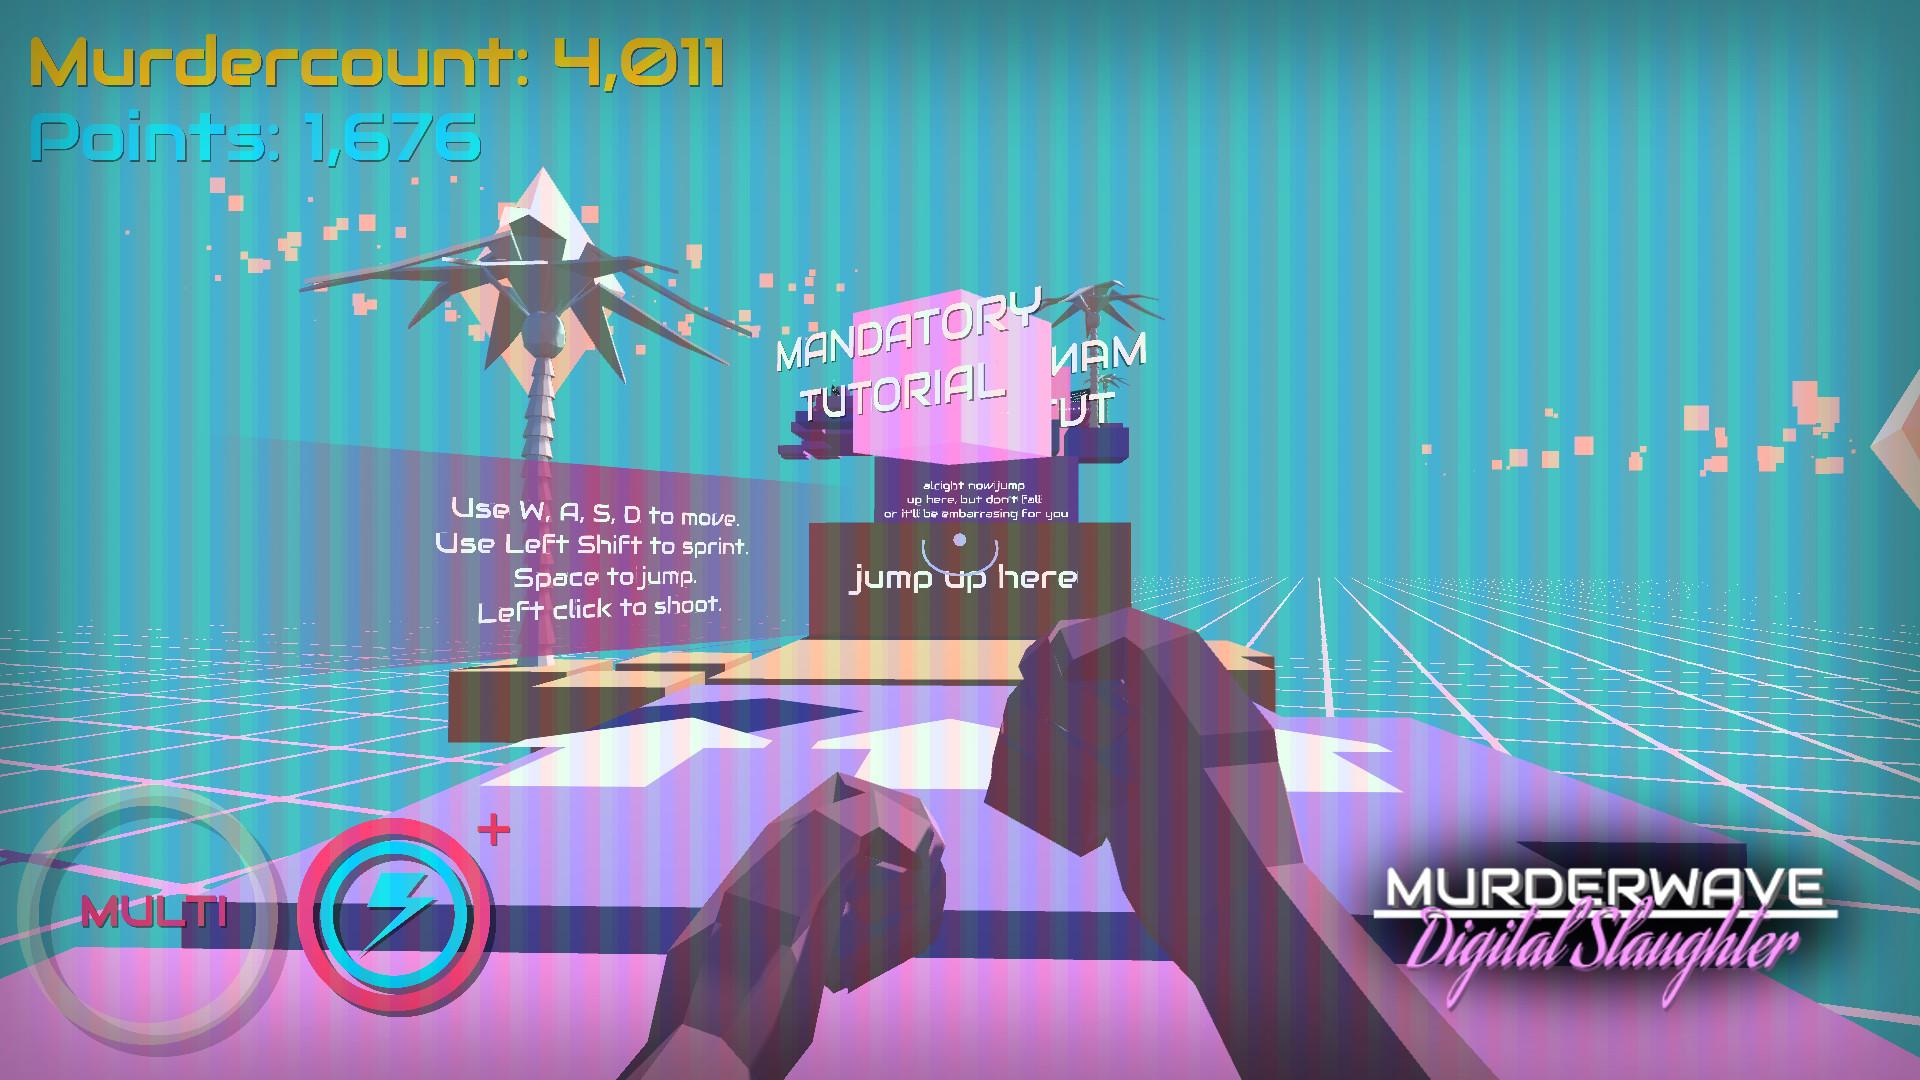 Murderwave: Digital Slaughter screenshot